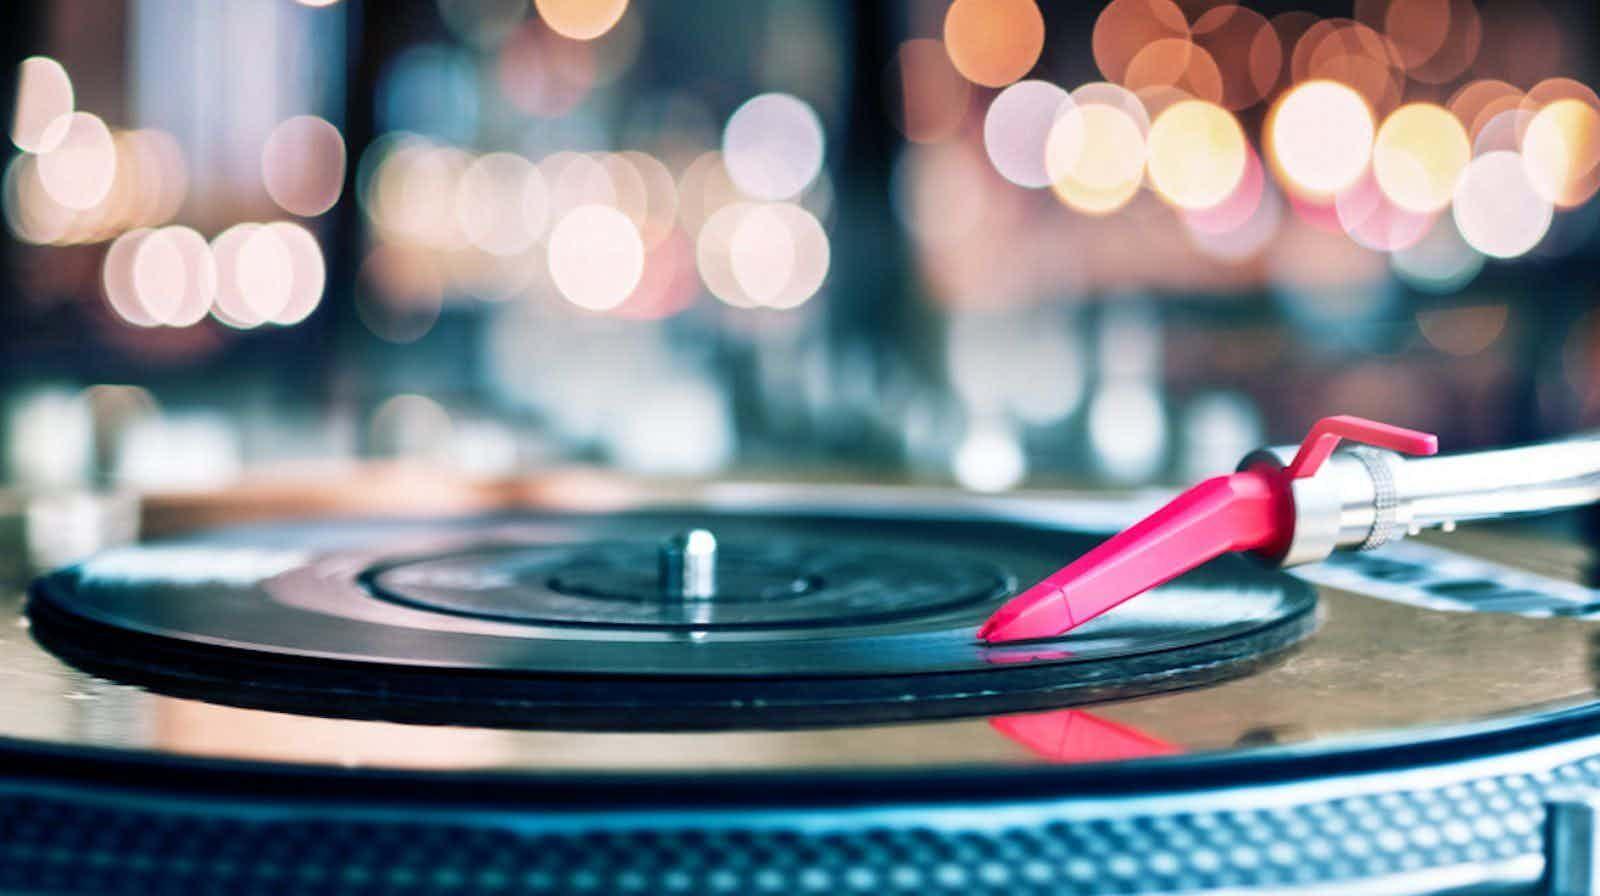 vinyl-djs-vintage